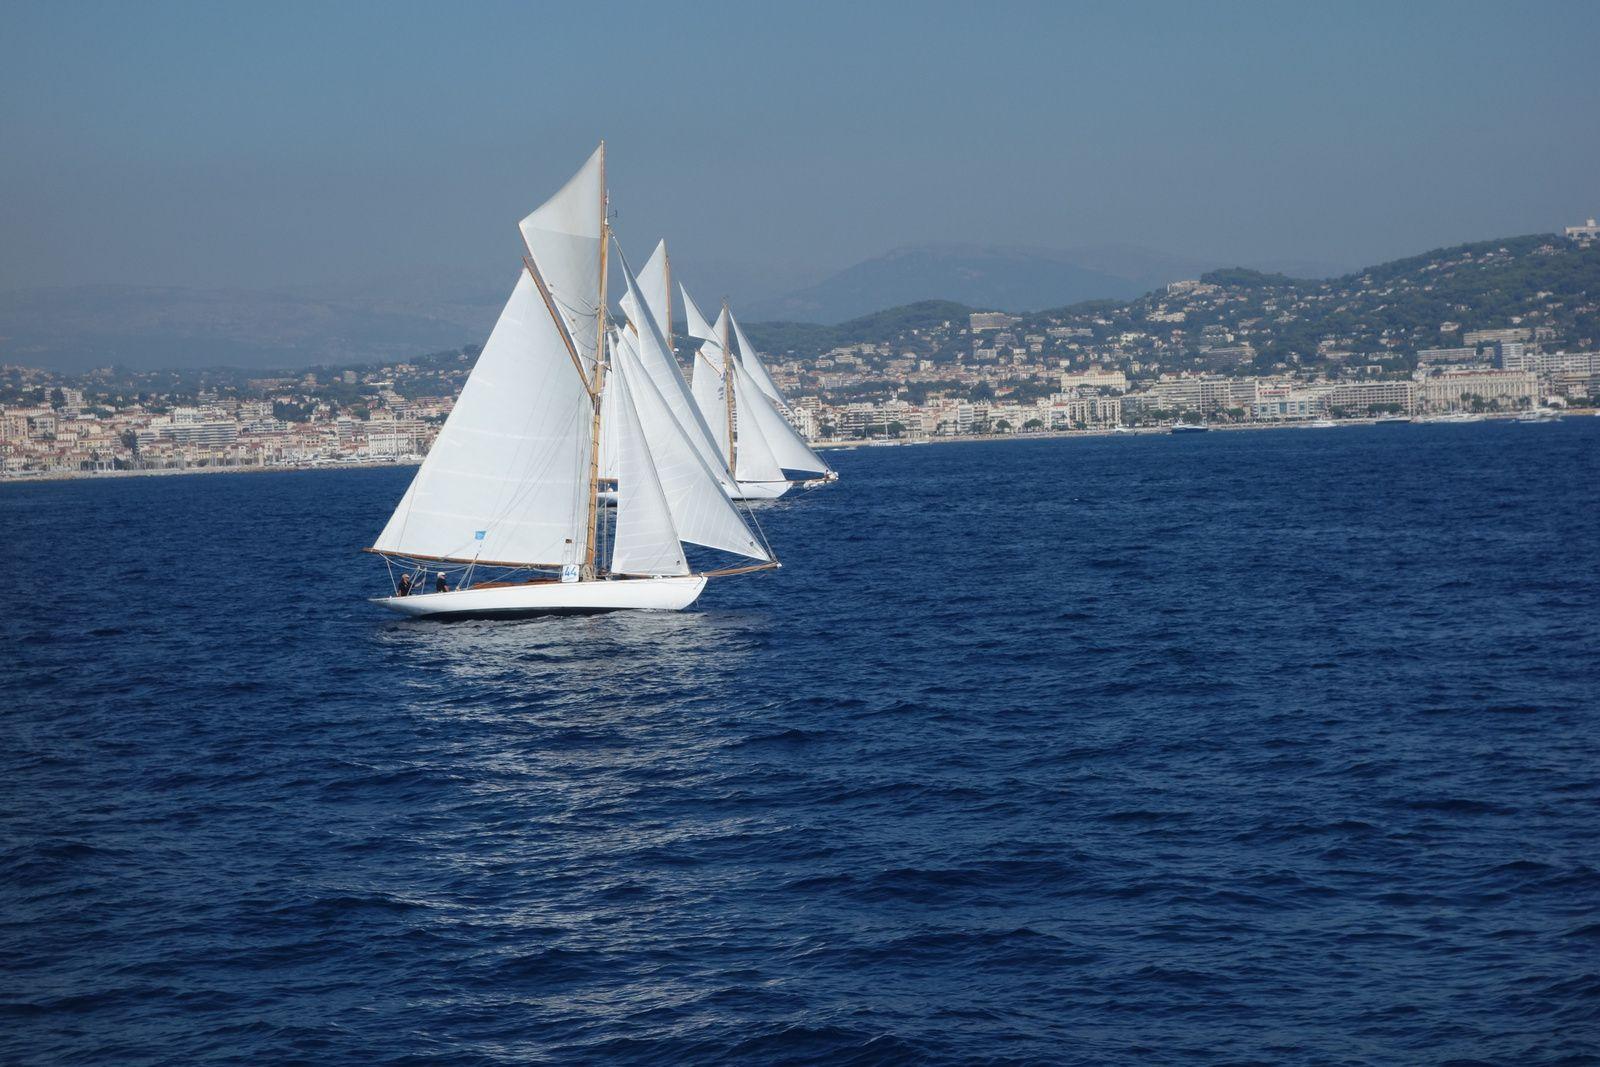 L'élégance de ces voiliers blancs comme posés sur l'eau.